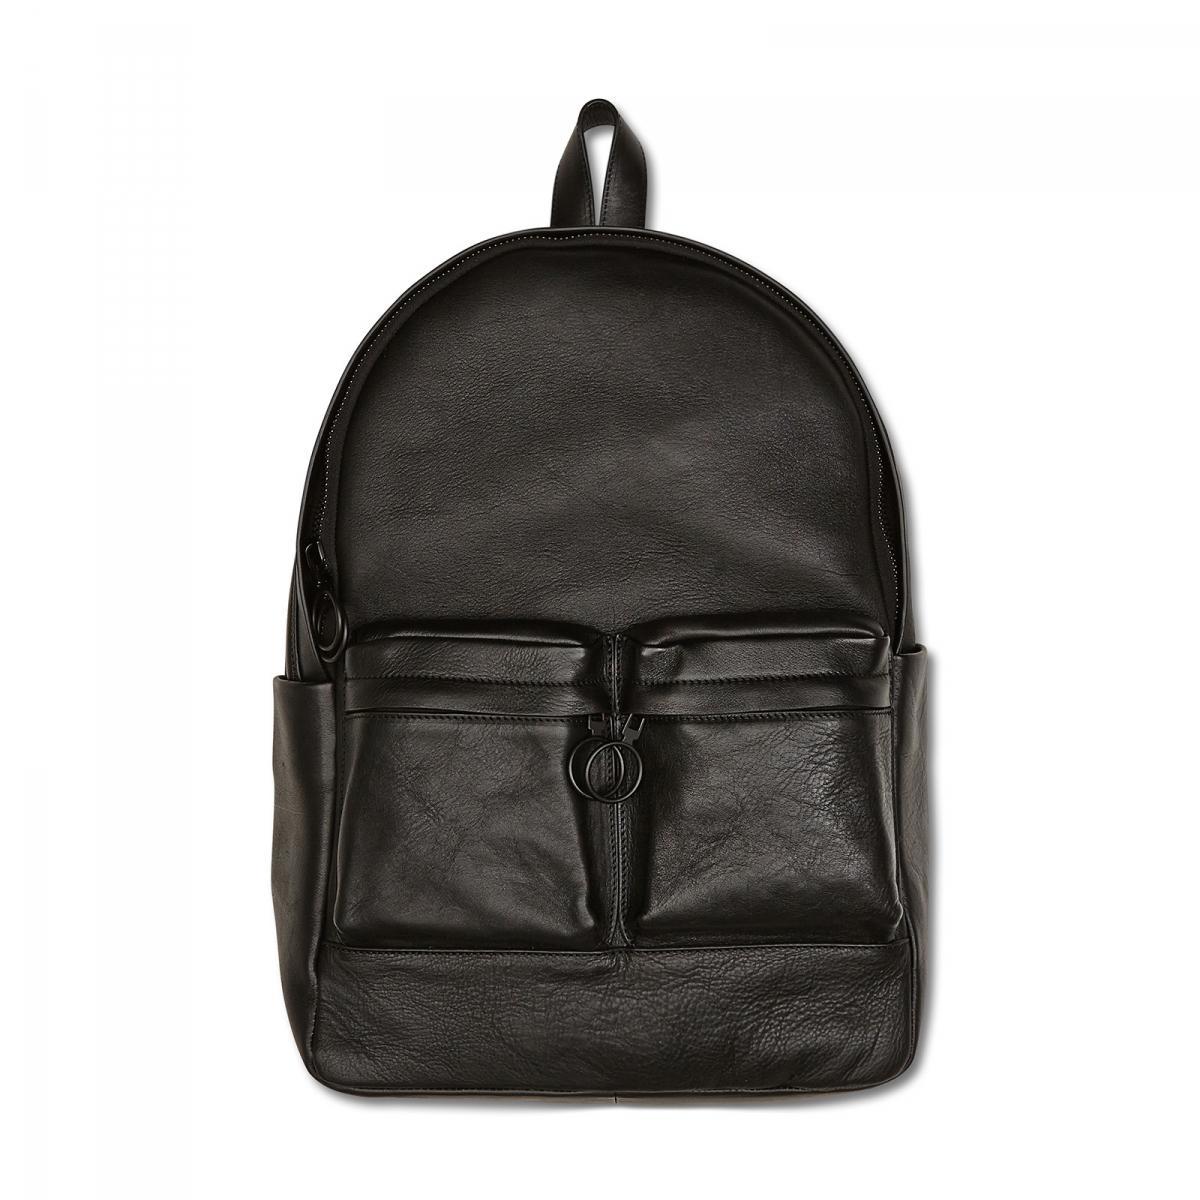 off white c o virgil abloh leather backpack in black lyst. Black Bedroom Furniture Sets. Home Design Ideas